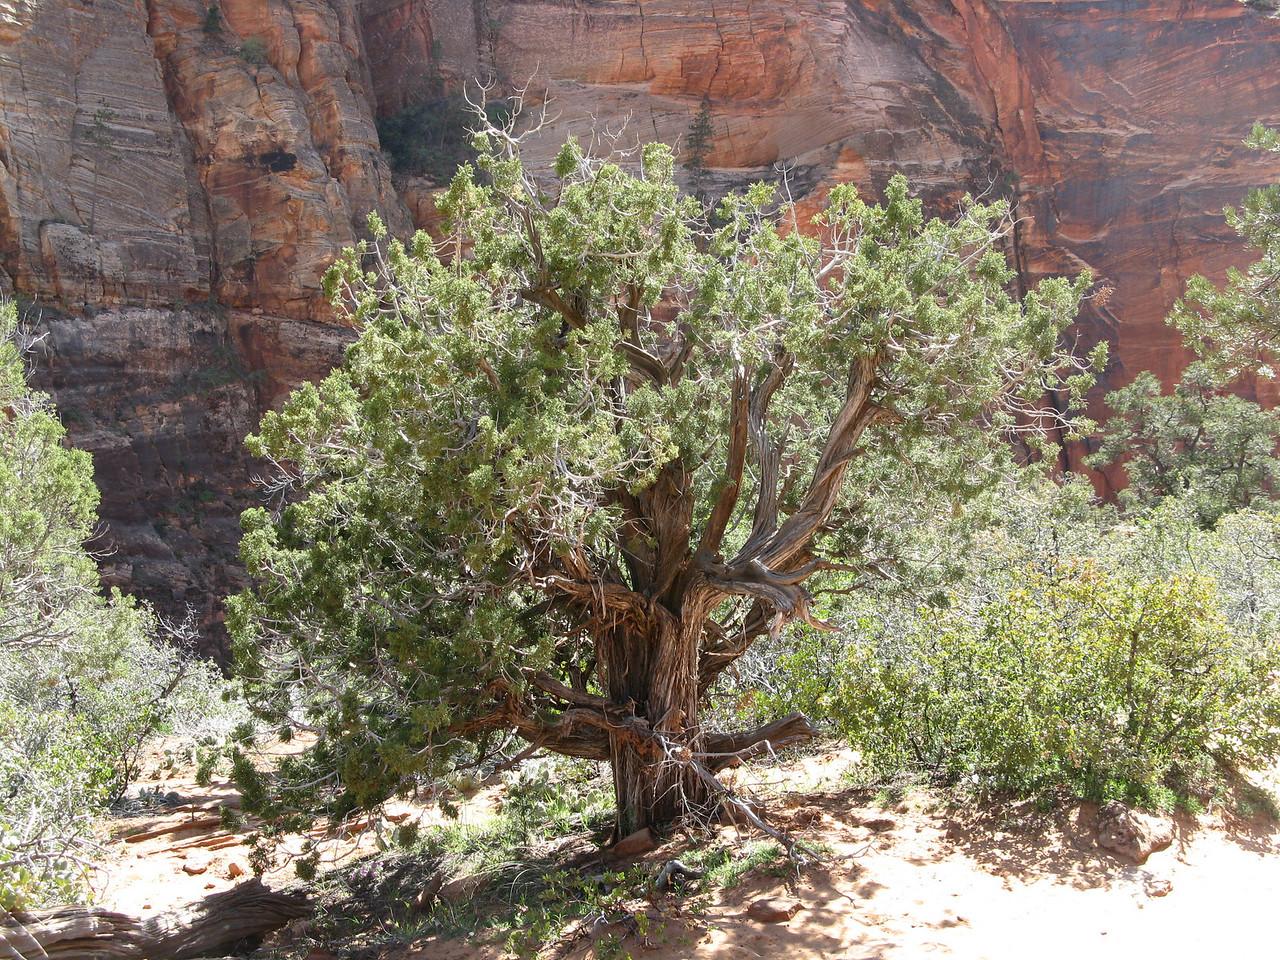 2011-04-21 Canyon Overlook 021